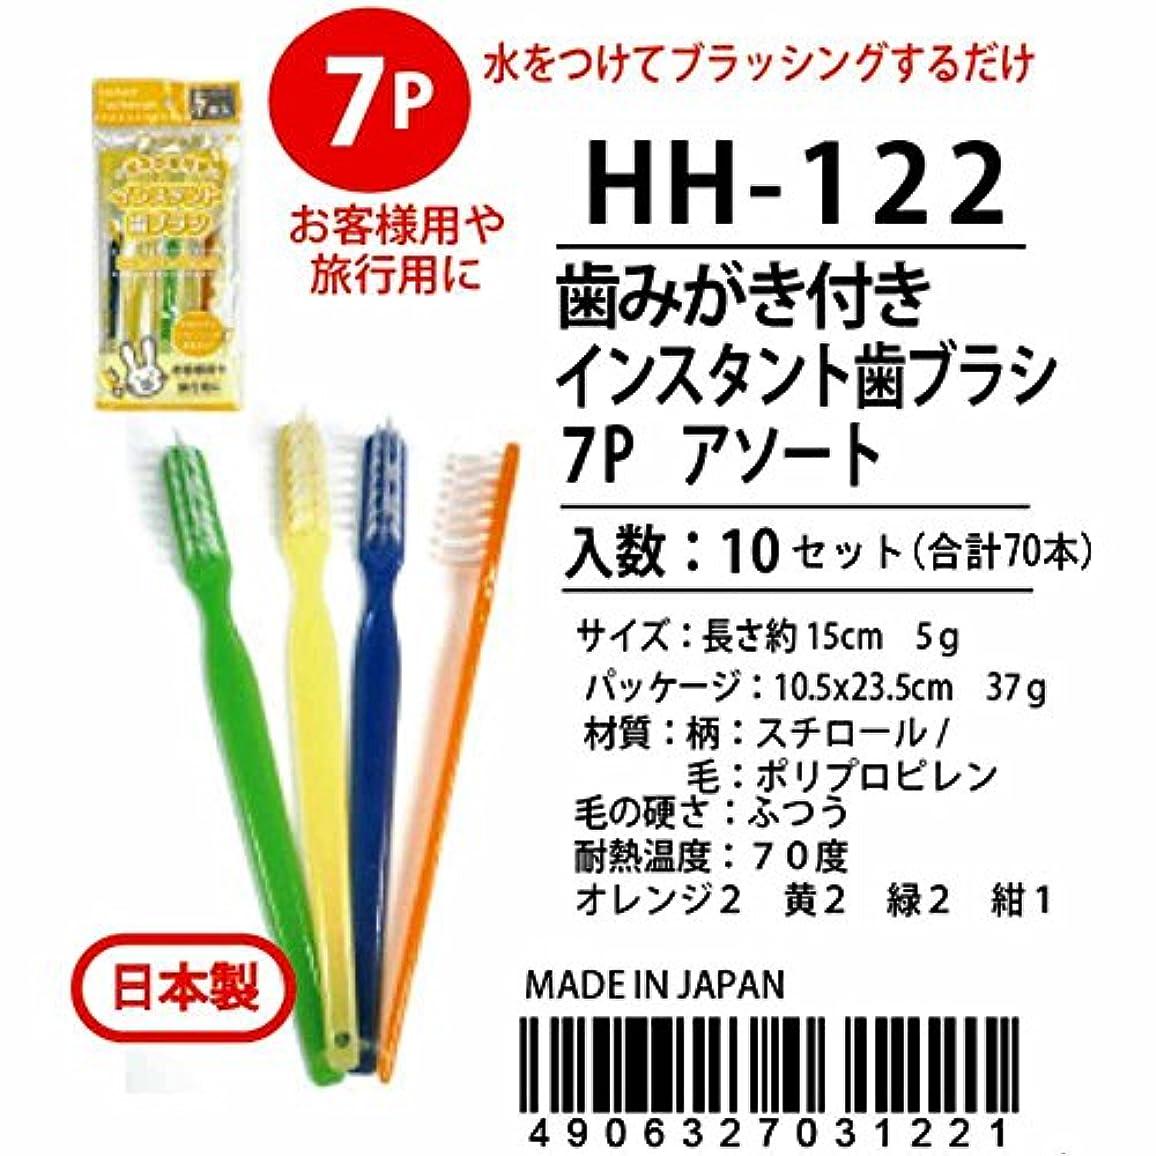 ベッドを作る受信はっきりしないスバル 歯みがき付きインスタント歯ブラシ7P アソート HH-122 【まとめ買い10個セット】